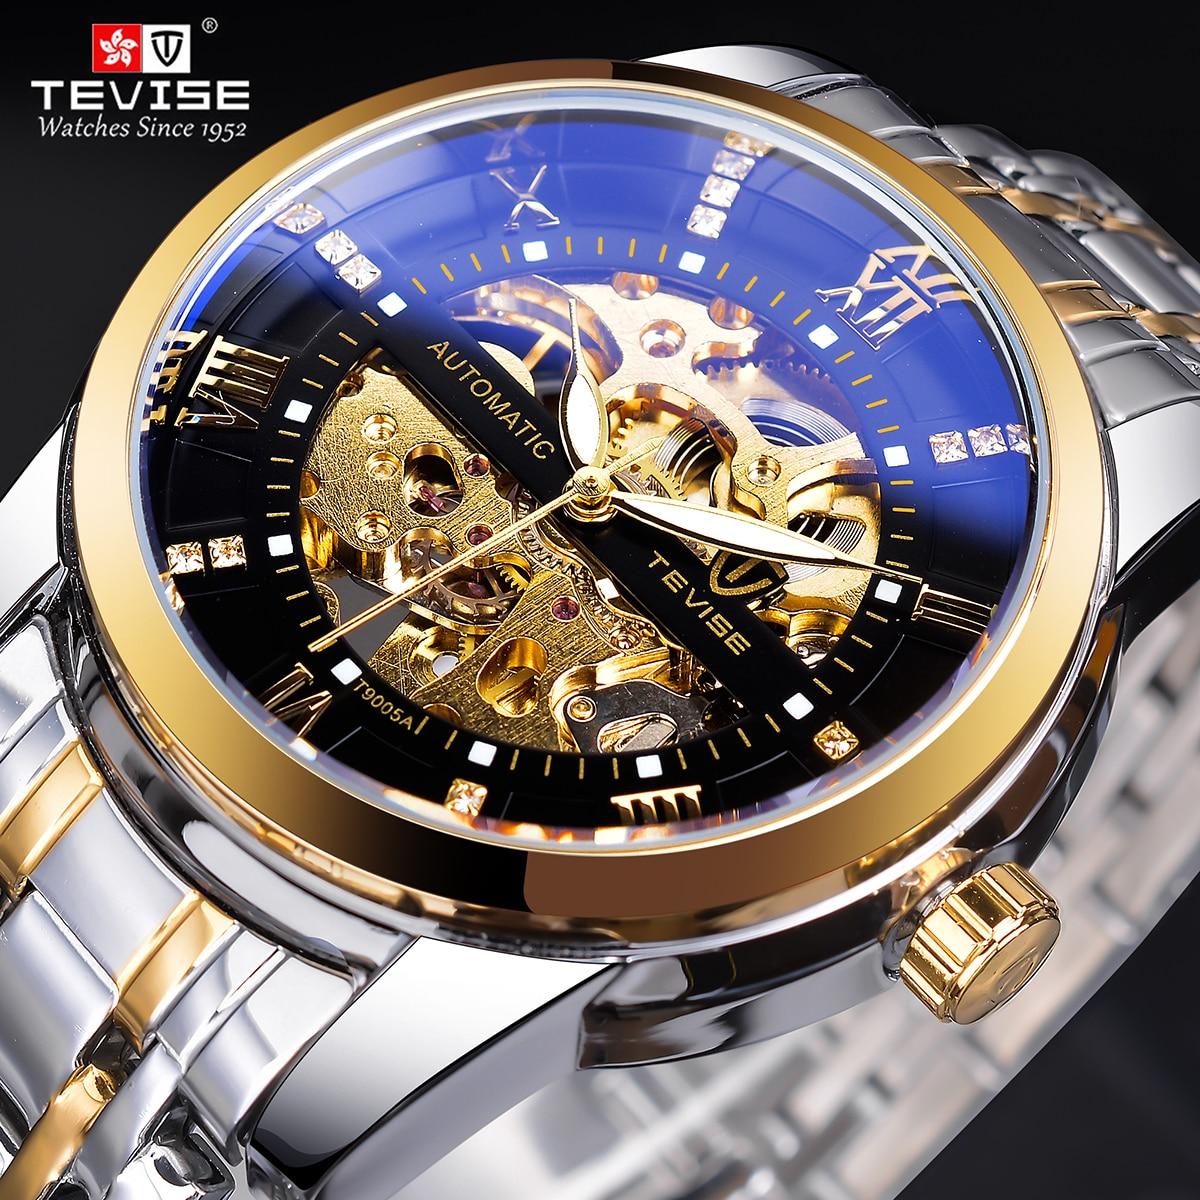 Relógio de Pulso à Prova Tevise Retro Diamante Design Preto Ouro Relógio Mecânico Marca Superior Automático Moda Luxo Esqueleto Dwaterproof Água